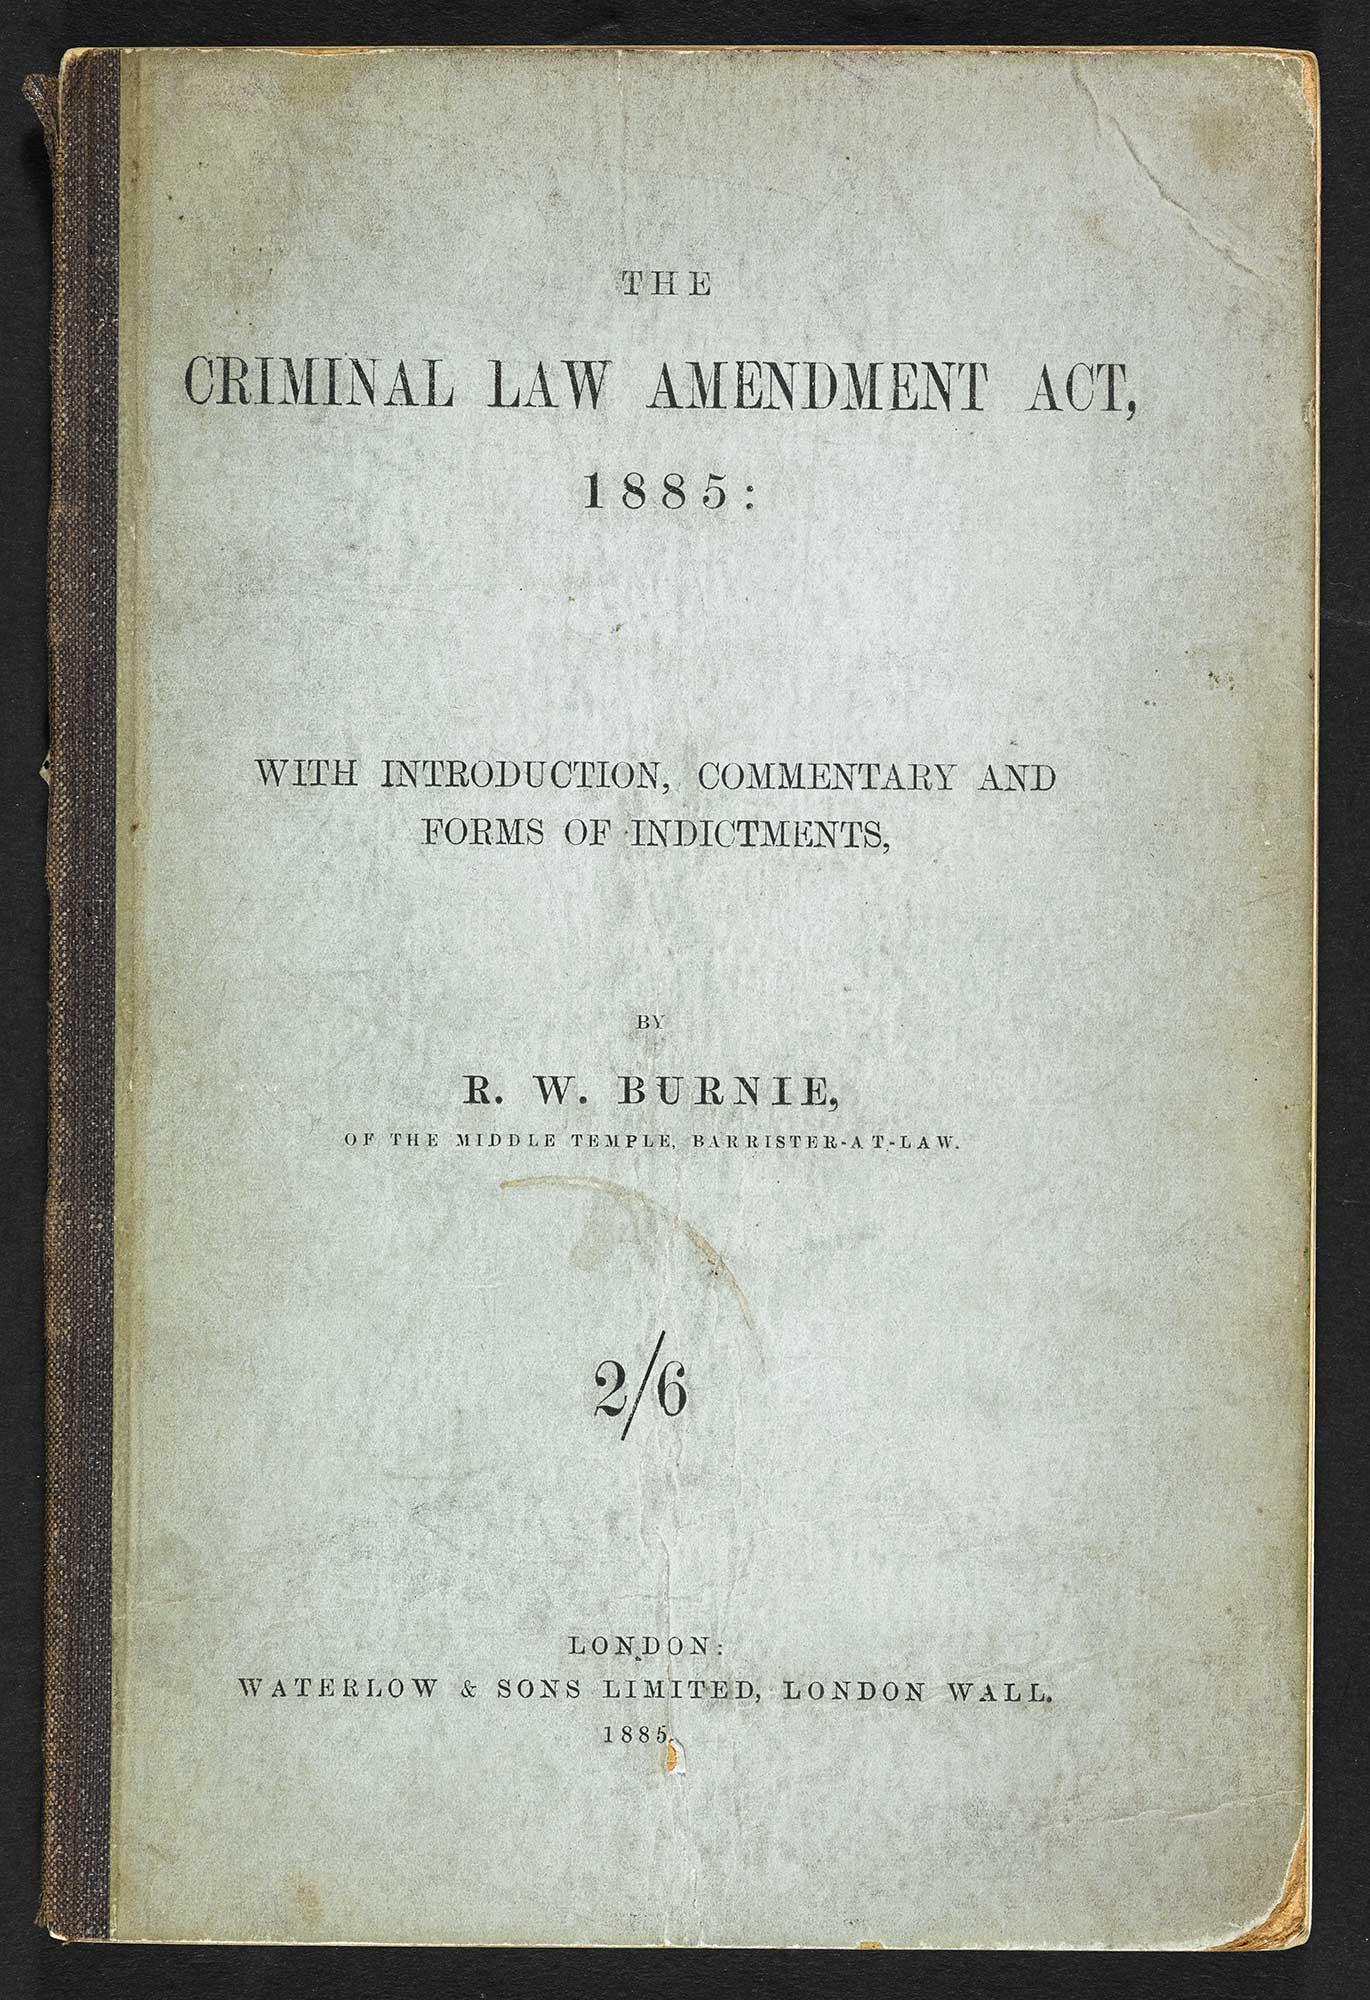 The Criminal Law Amendment Act, 1885